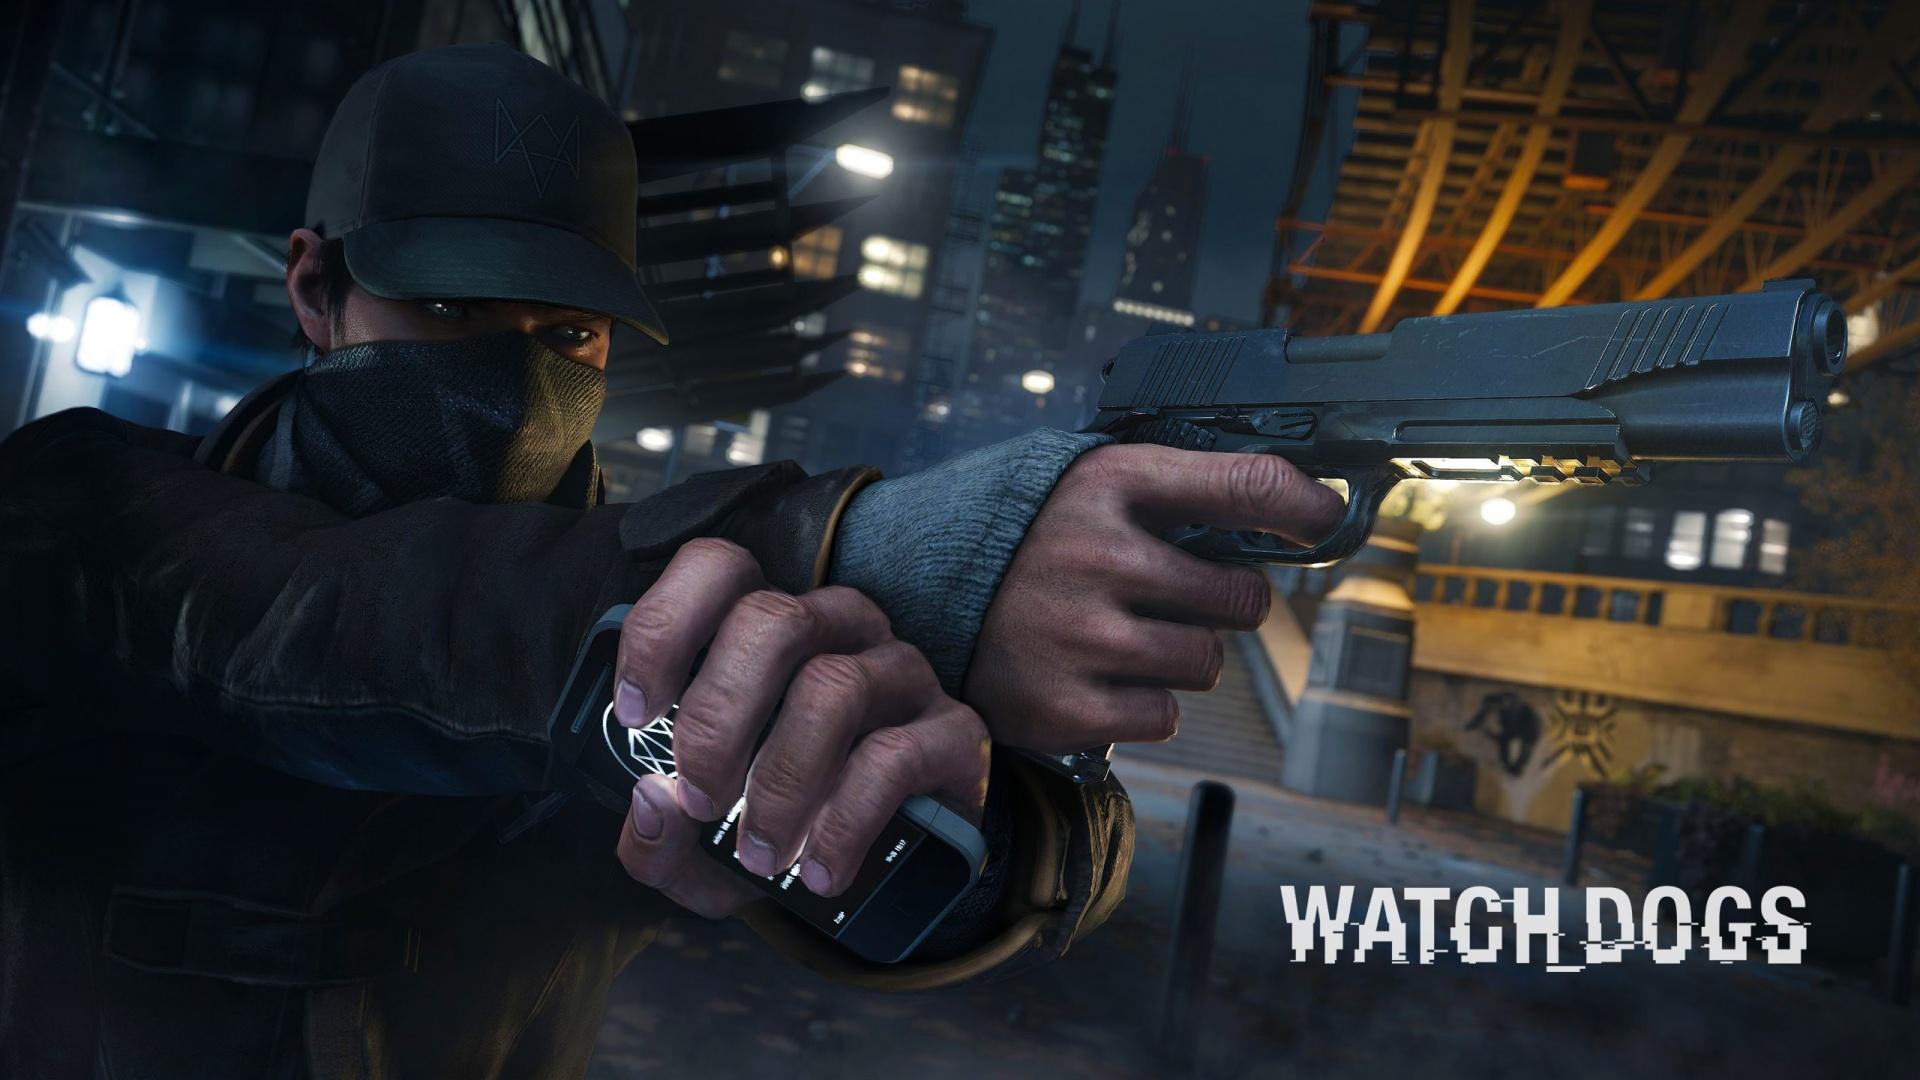 Watch Dogs Gun Wallpaper